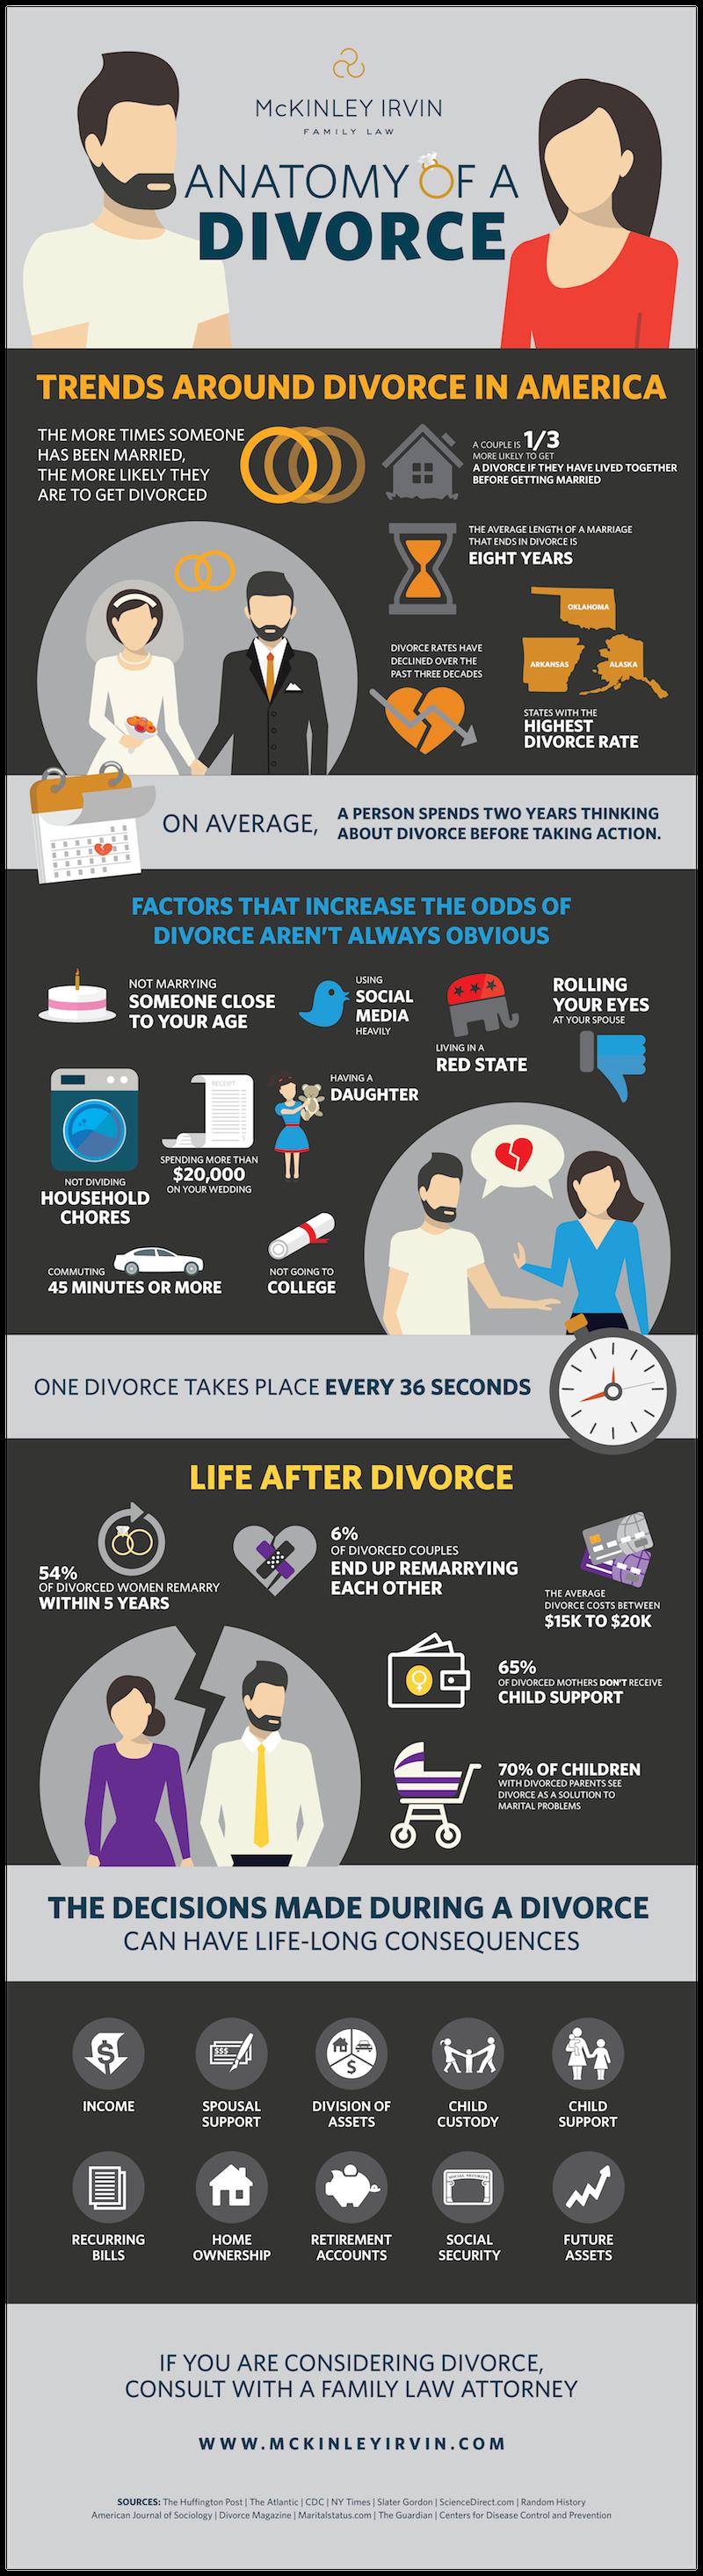 Anatomy of a Divorce_McKinley Irvin Infographic